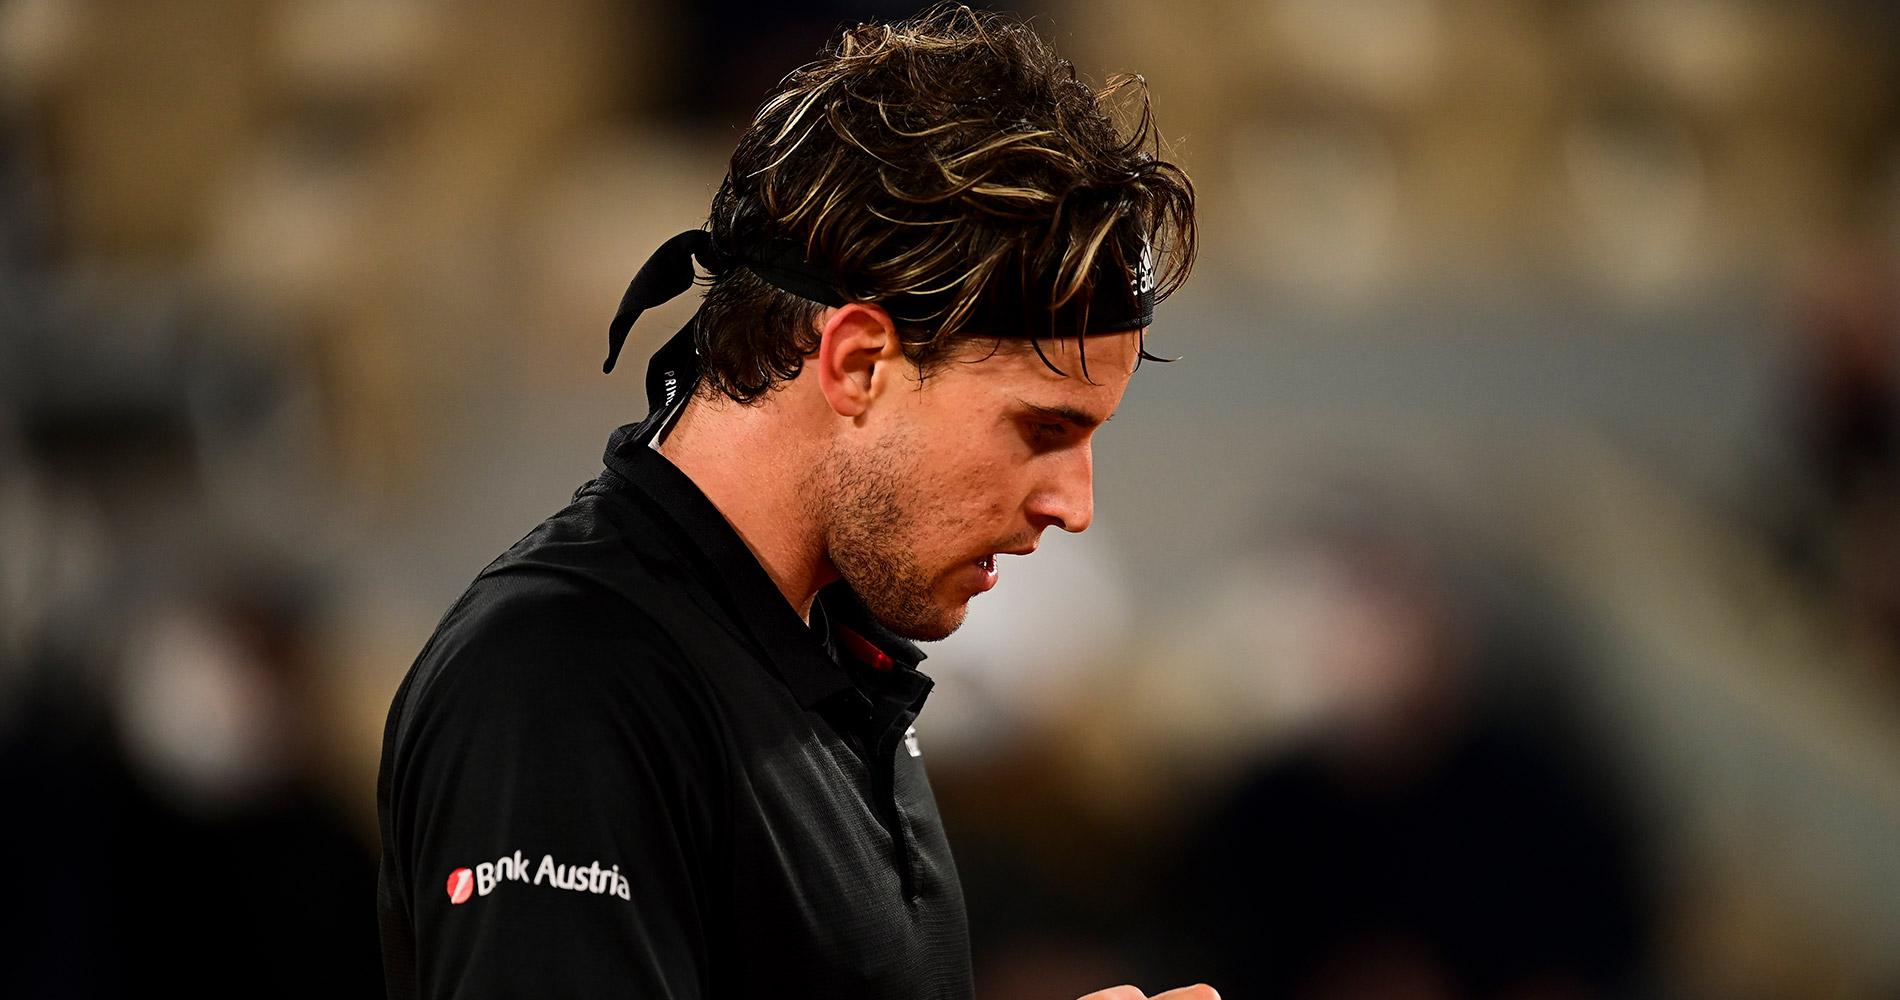 Dominic Thiem at Roland-Garros 2020 fourth round